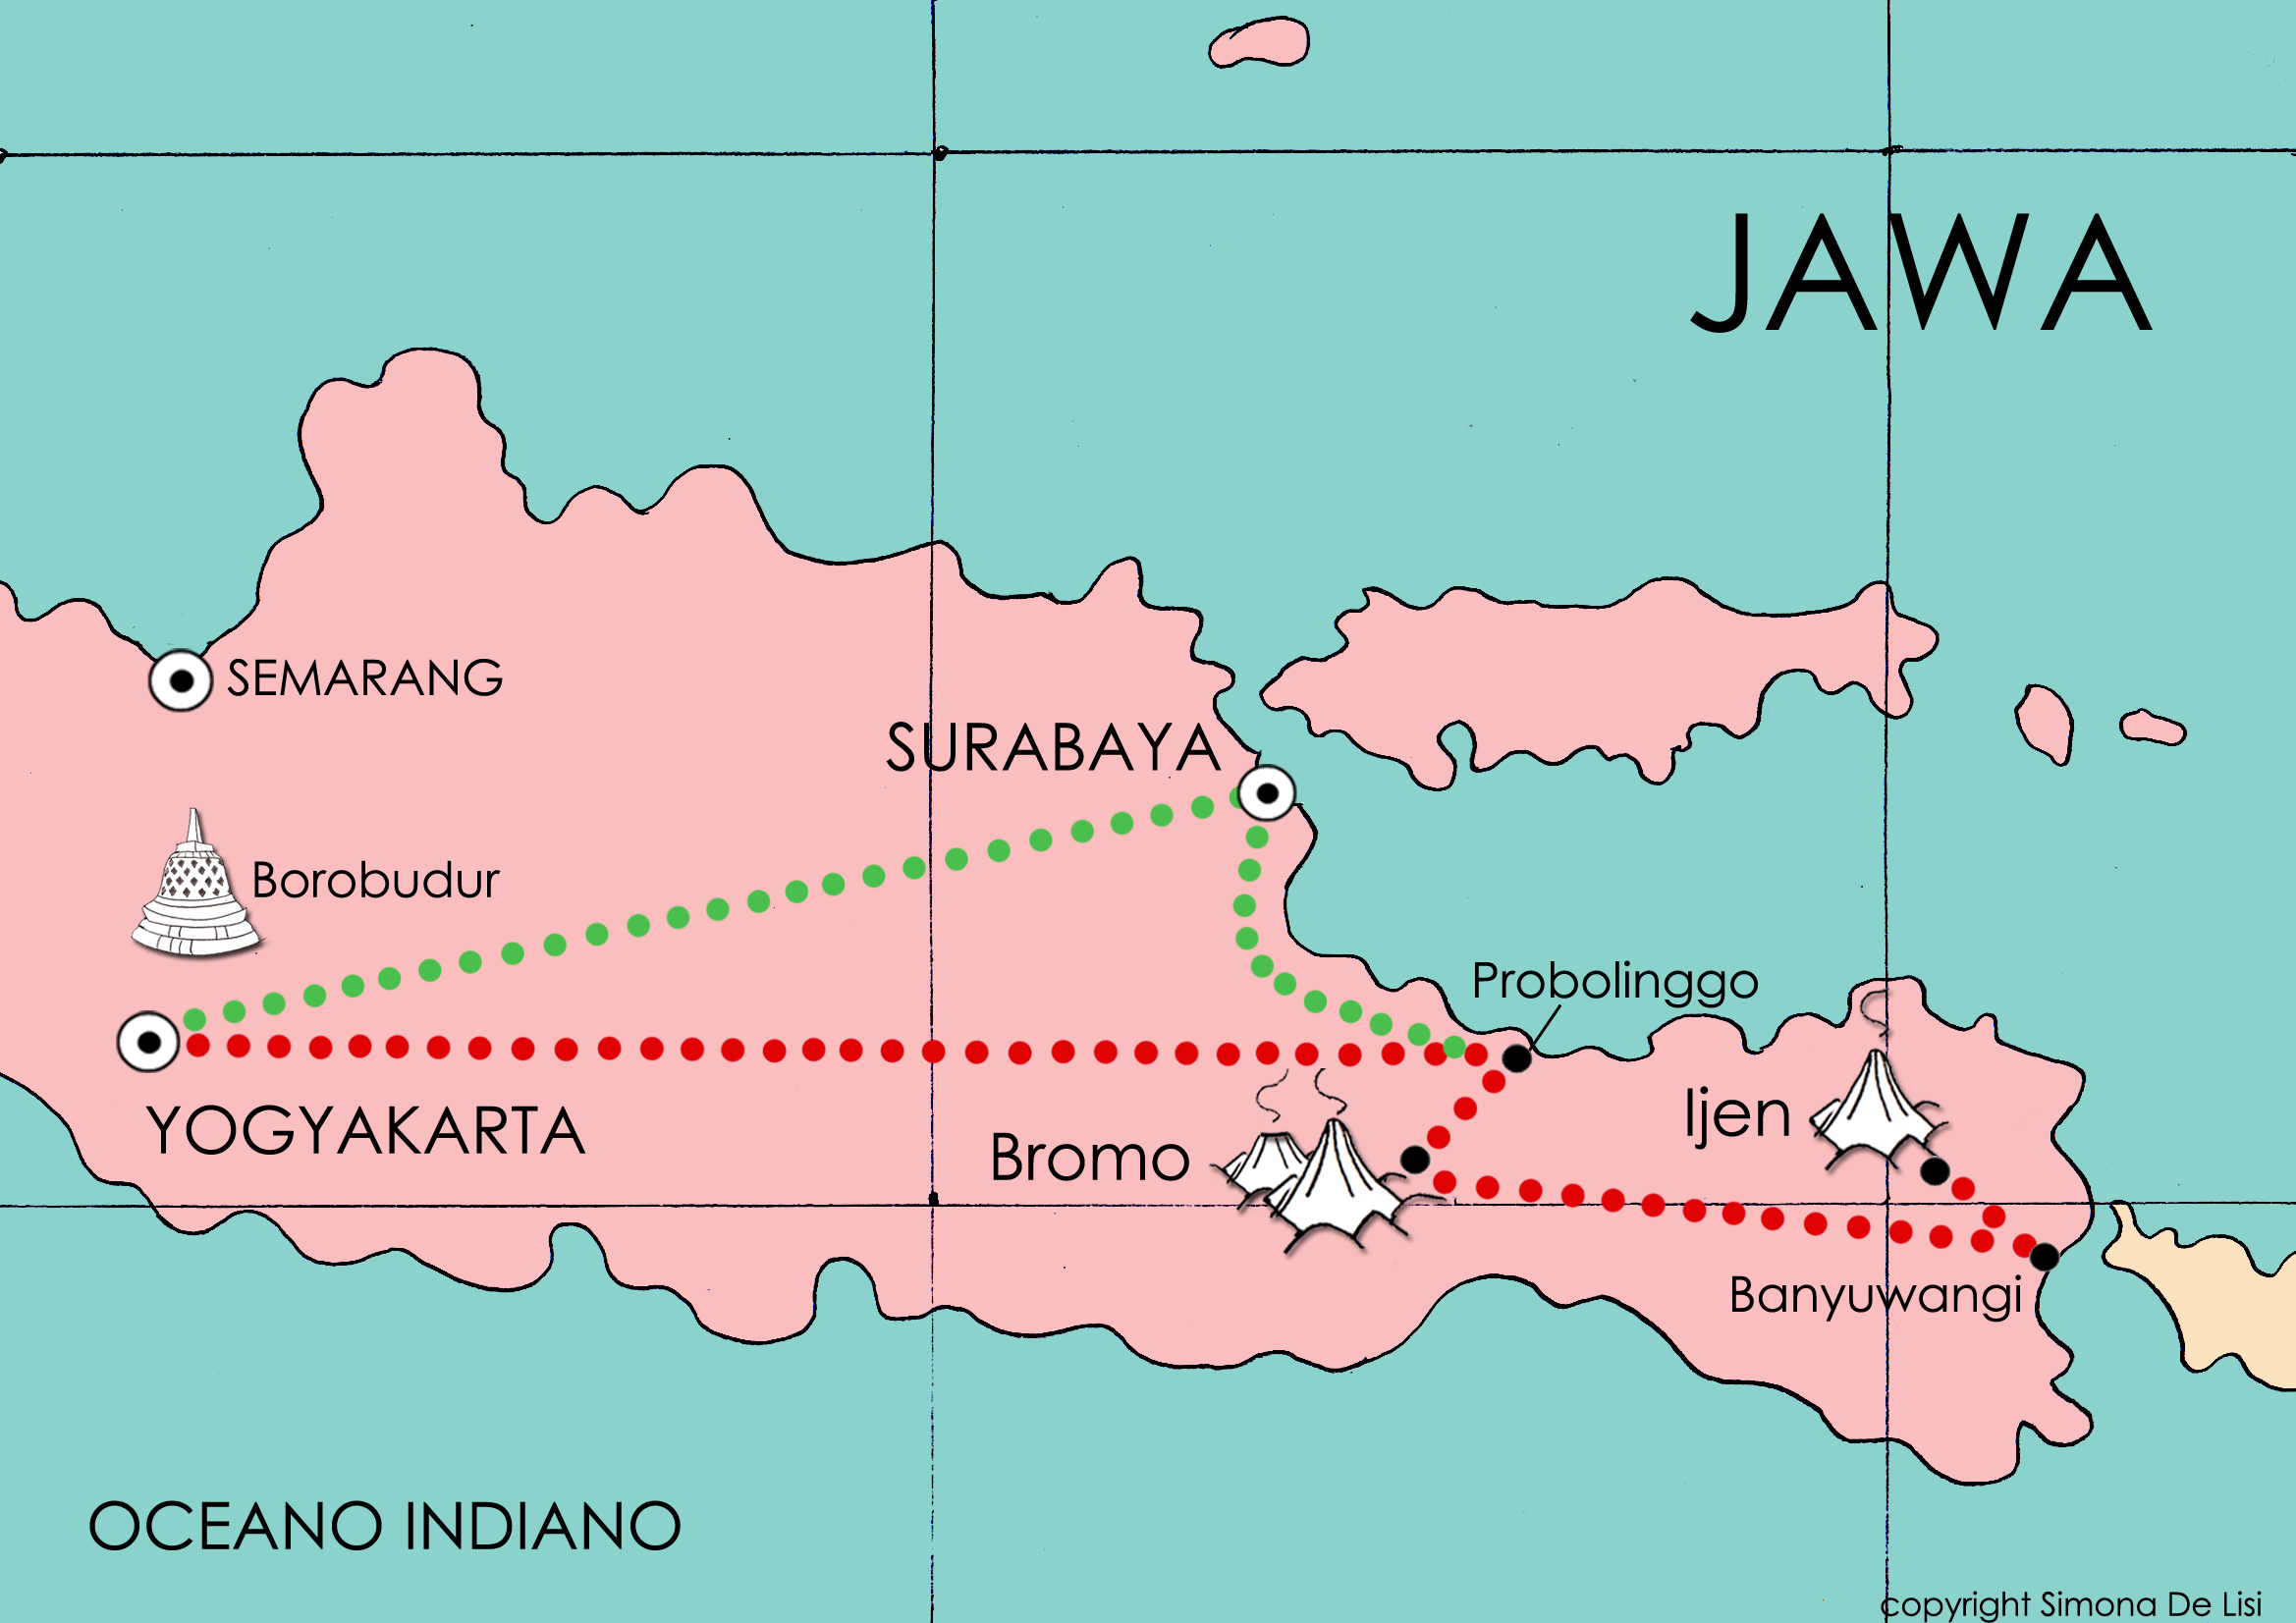 Il percorso da seguire per raggiungere i due vulcani Bromo e Ijen.